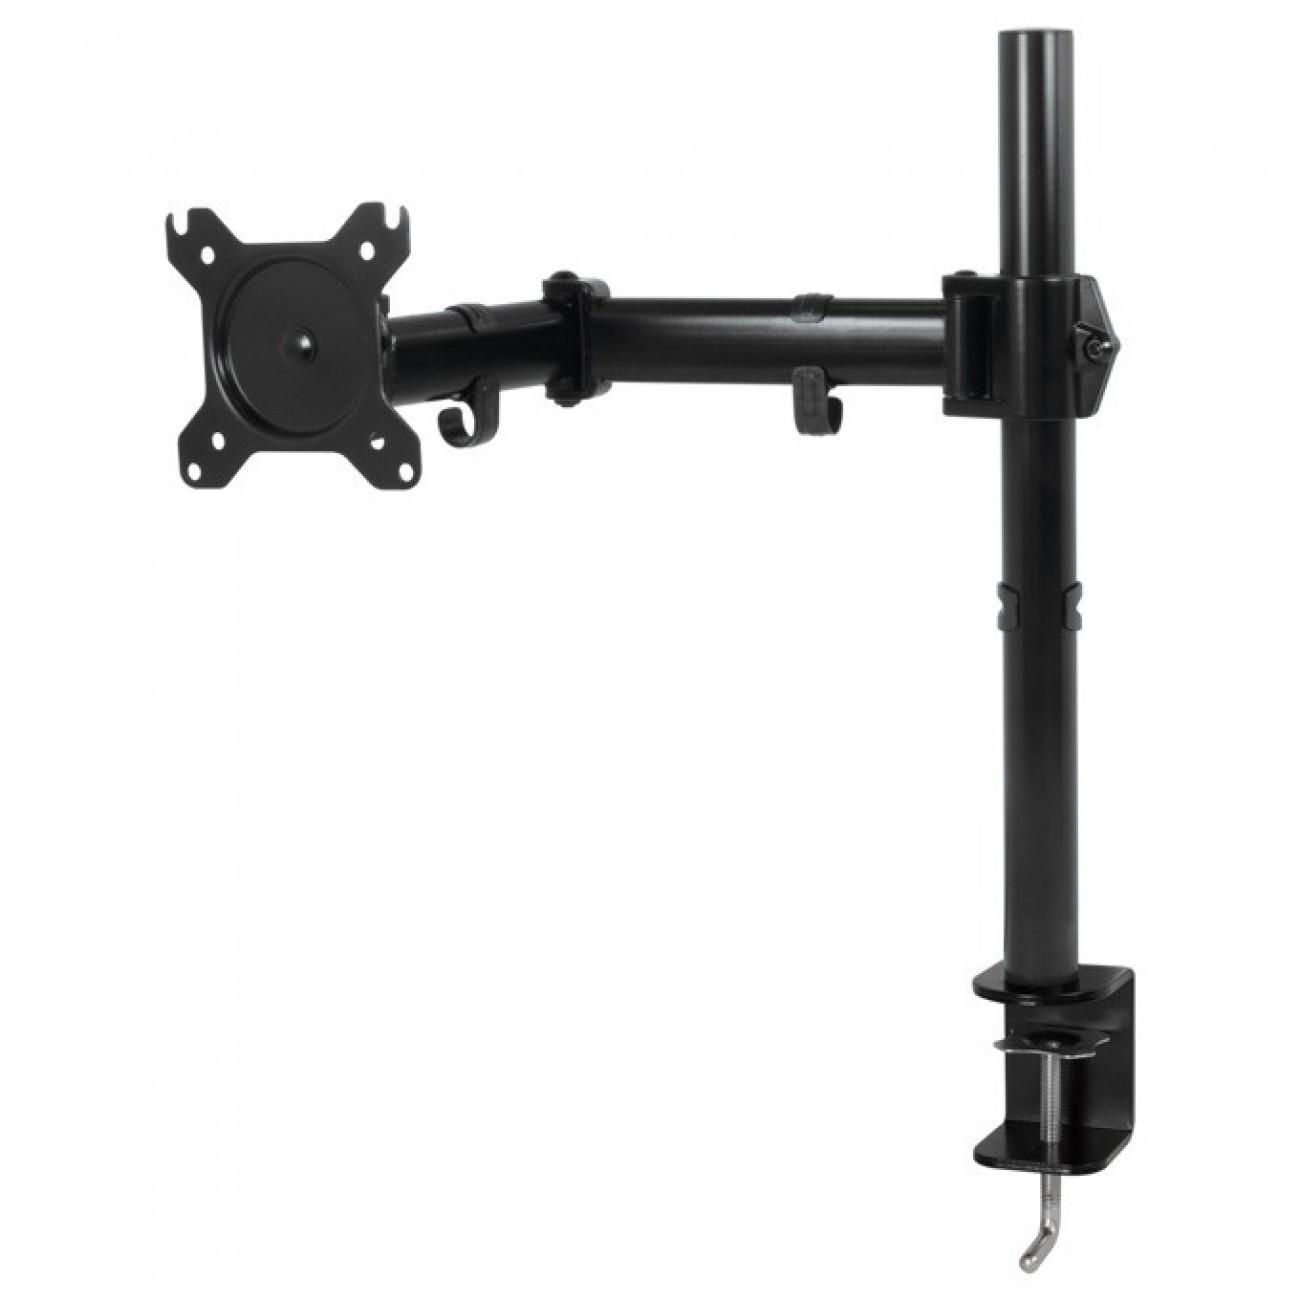 Стойка за монитор Arctic Z1 BASIC, за екрани 13-32, VESA до 100 x 100 mm, регулиране на височина, до 15кг в Стойки за TV, Монитори -  | Alleop